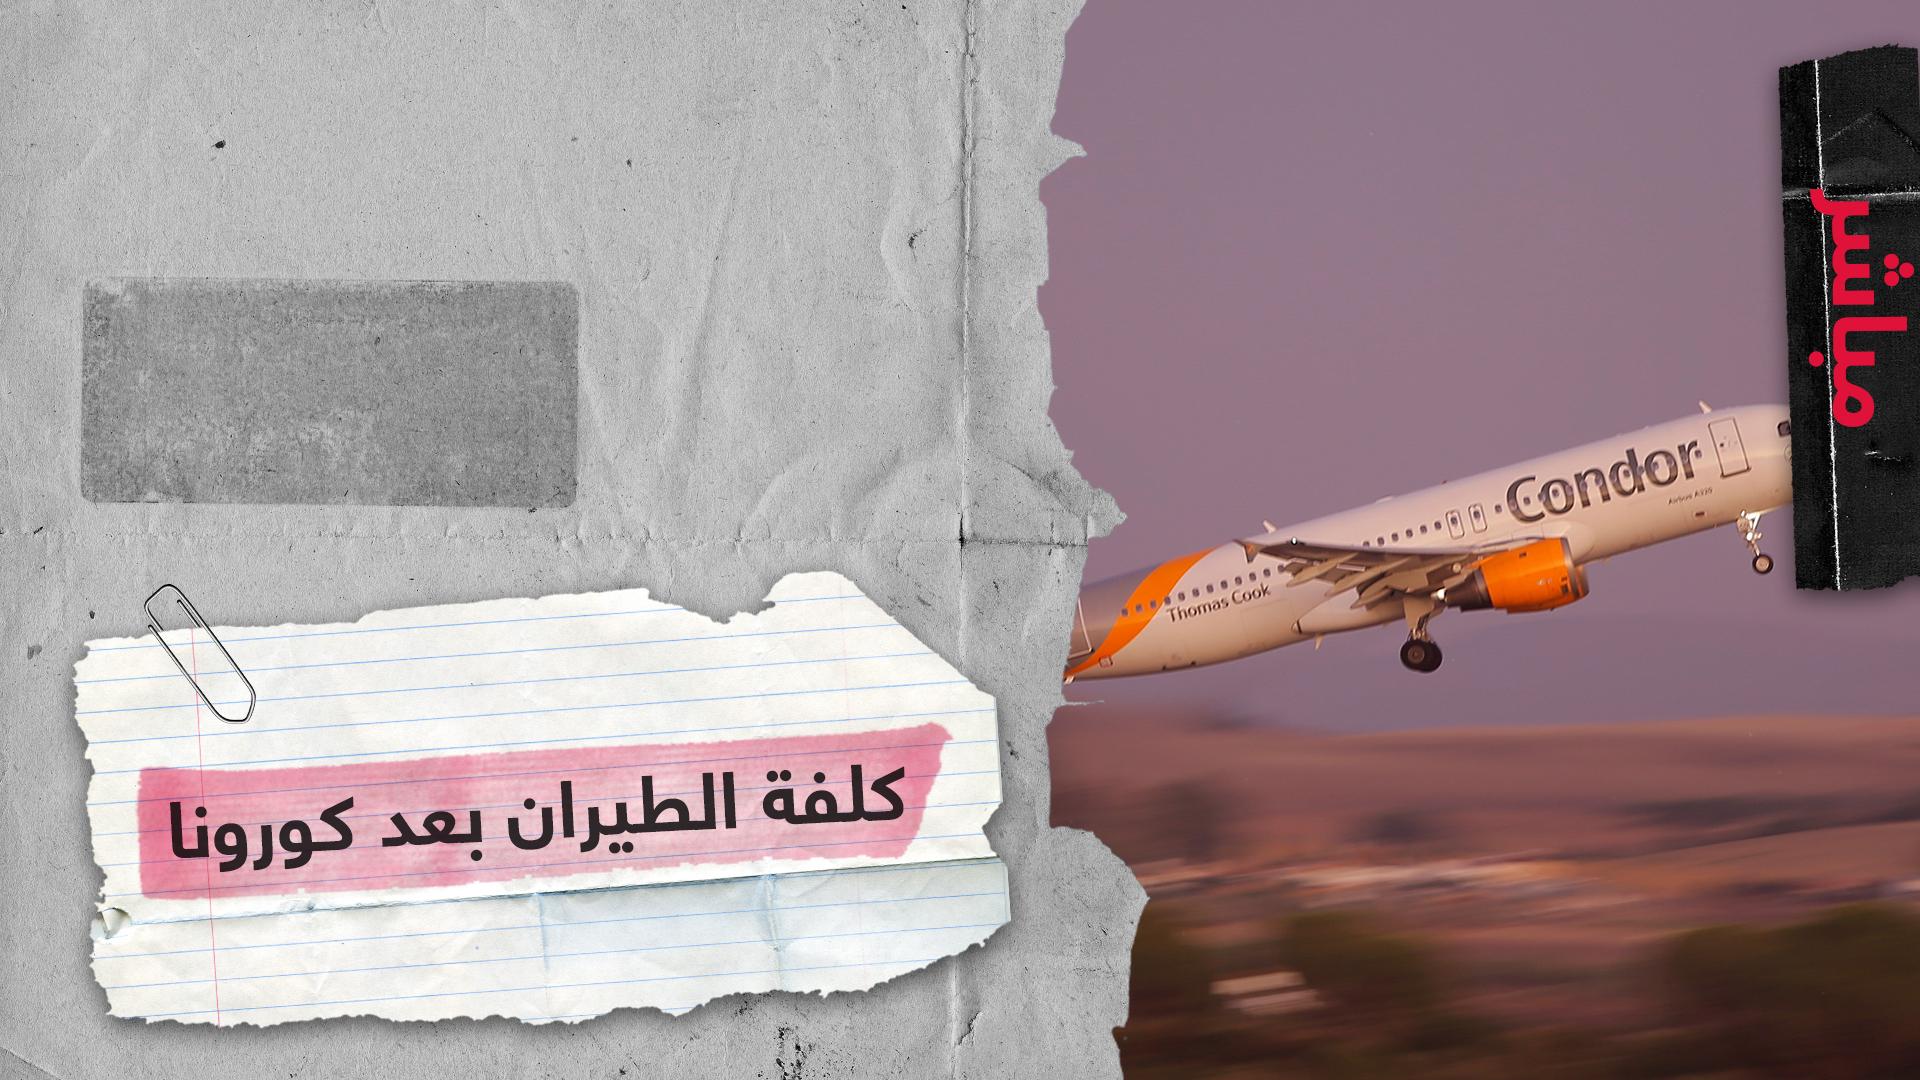 شركات طيران ستستأنف رحلاتها.. كيف ستكون كلفة السفر بعد أزمة كورونا؟